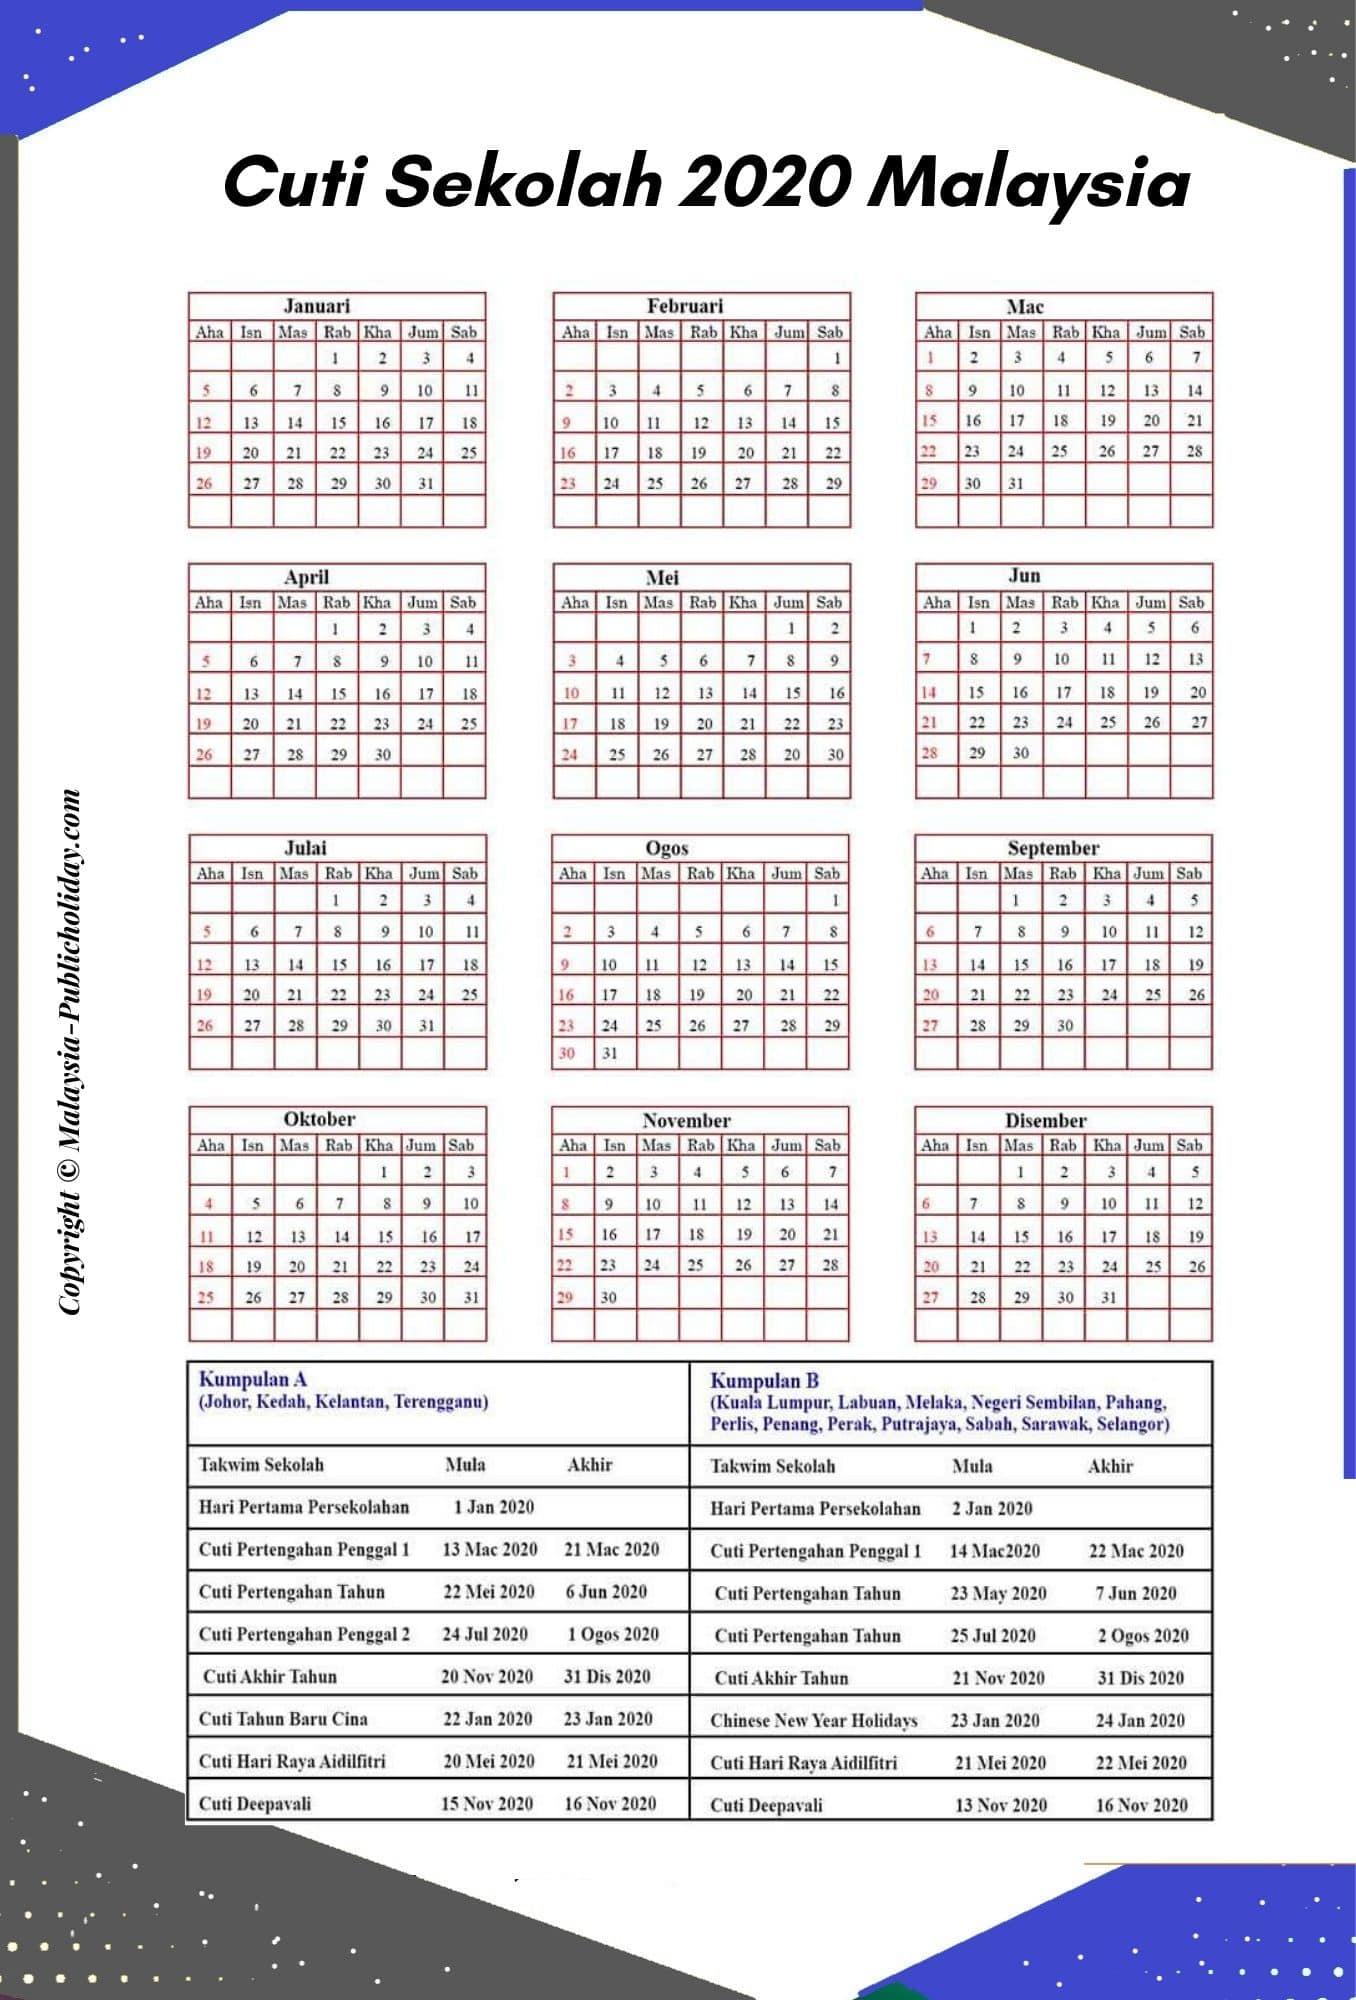 Cuti Sekolah 2020 Kalendars